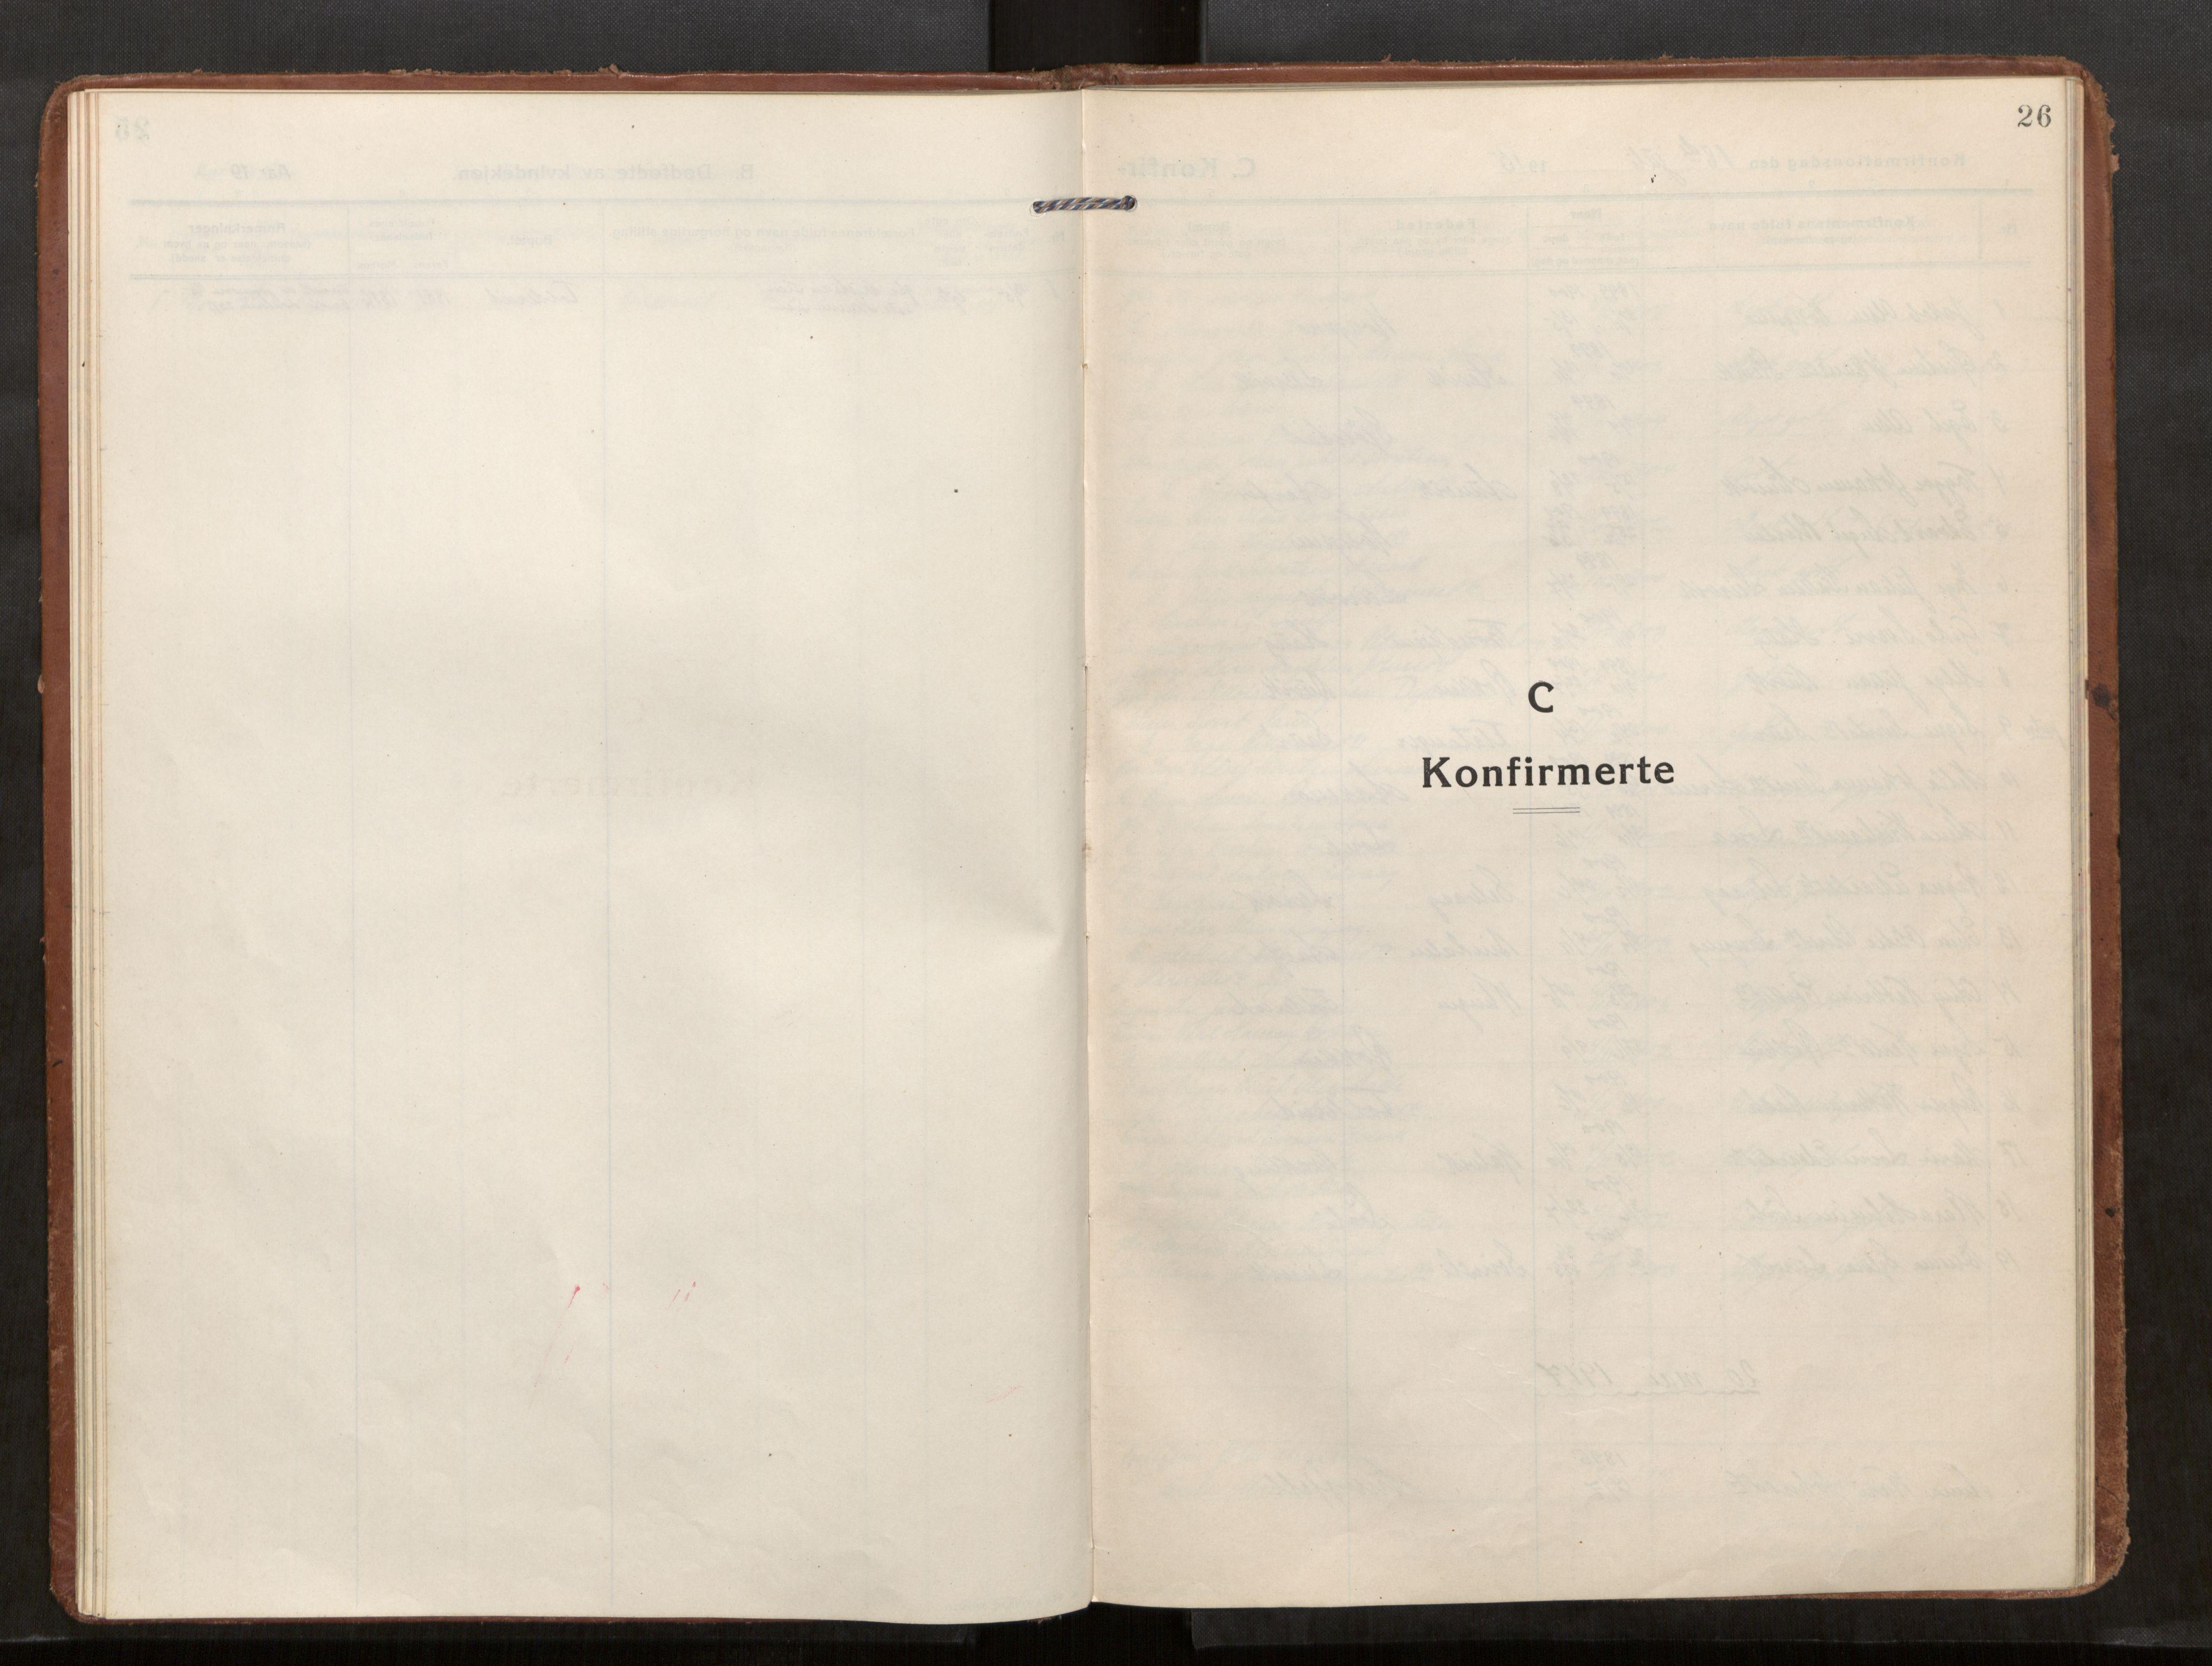 SAT, Kolvereid sokneprestkontor, H/Ha/Haa/L0002: Parish register (official) no. 2, 1914-1926, p. 26